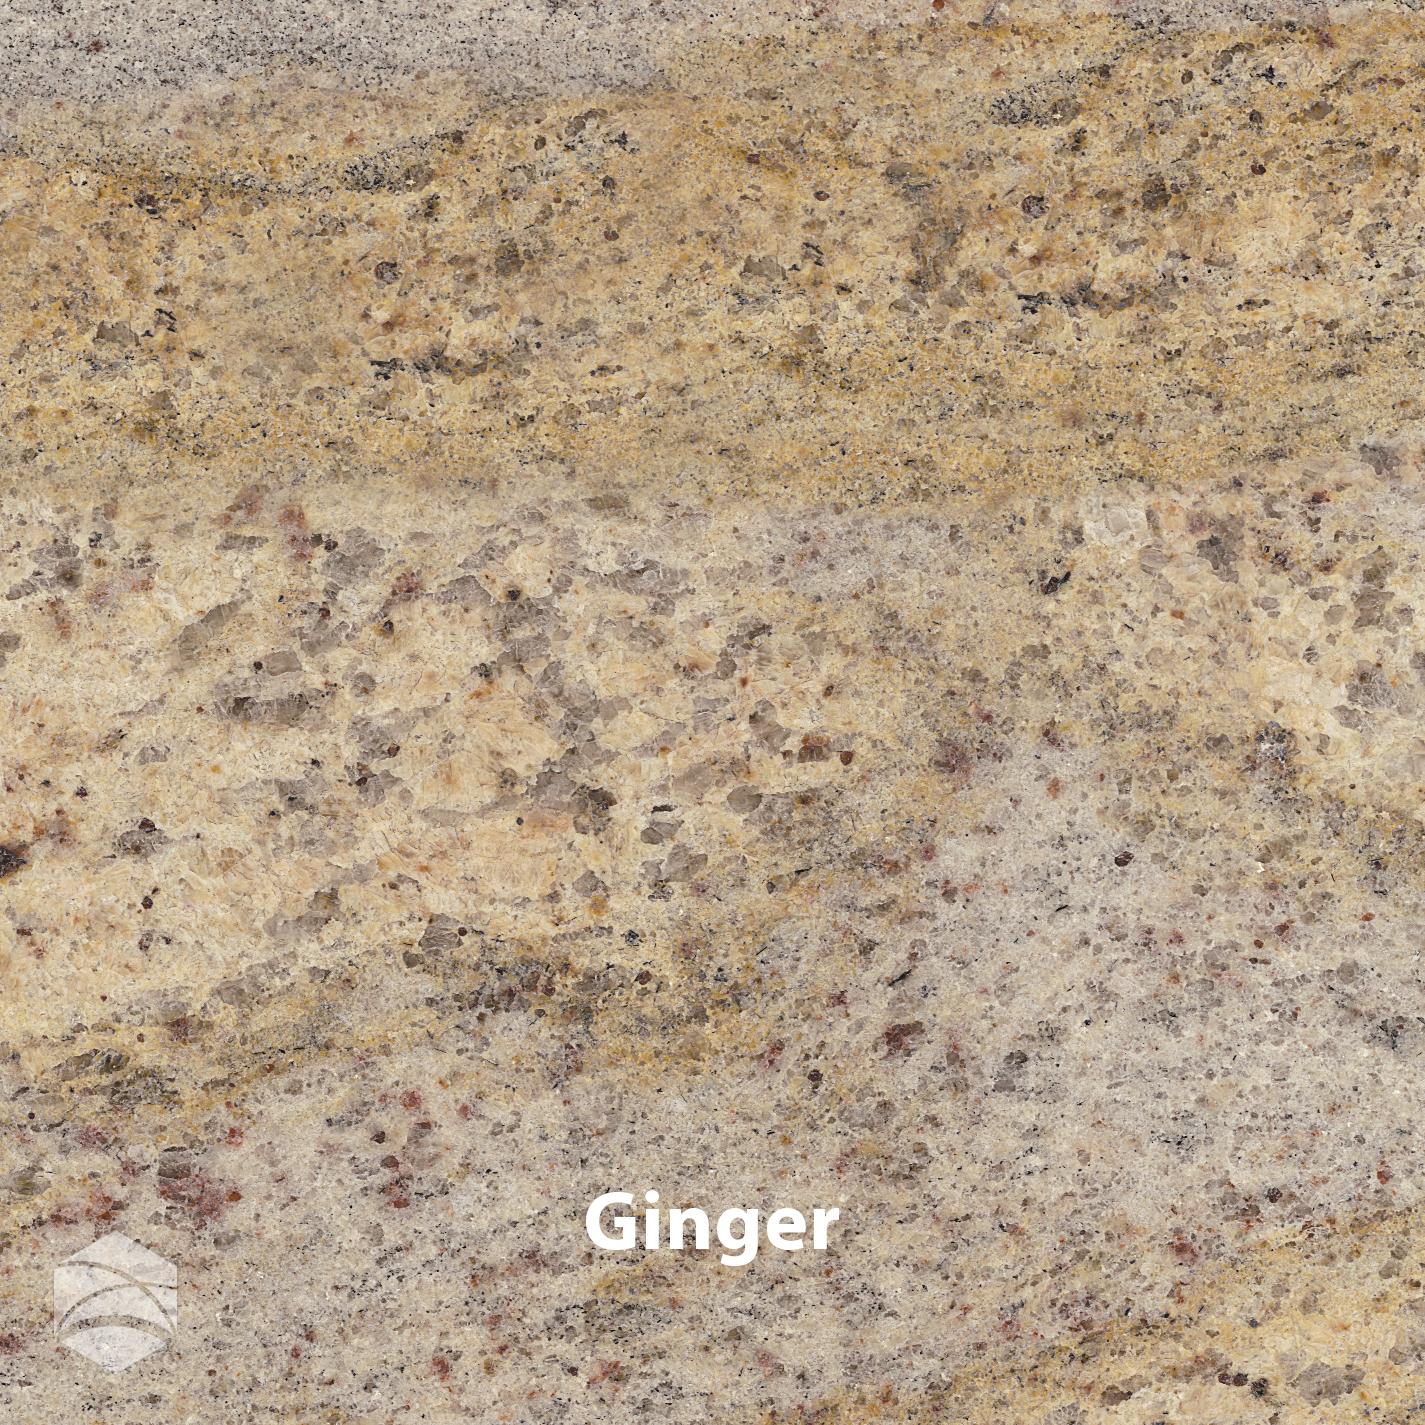 Ginger_V2_14x14.jpg